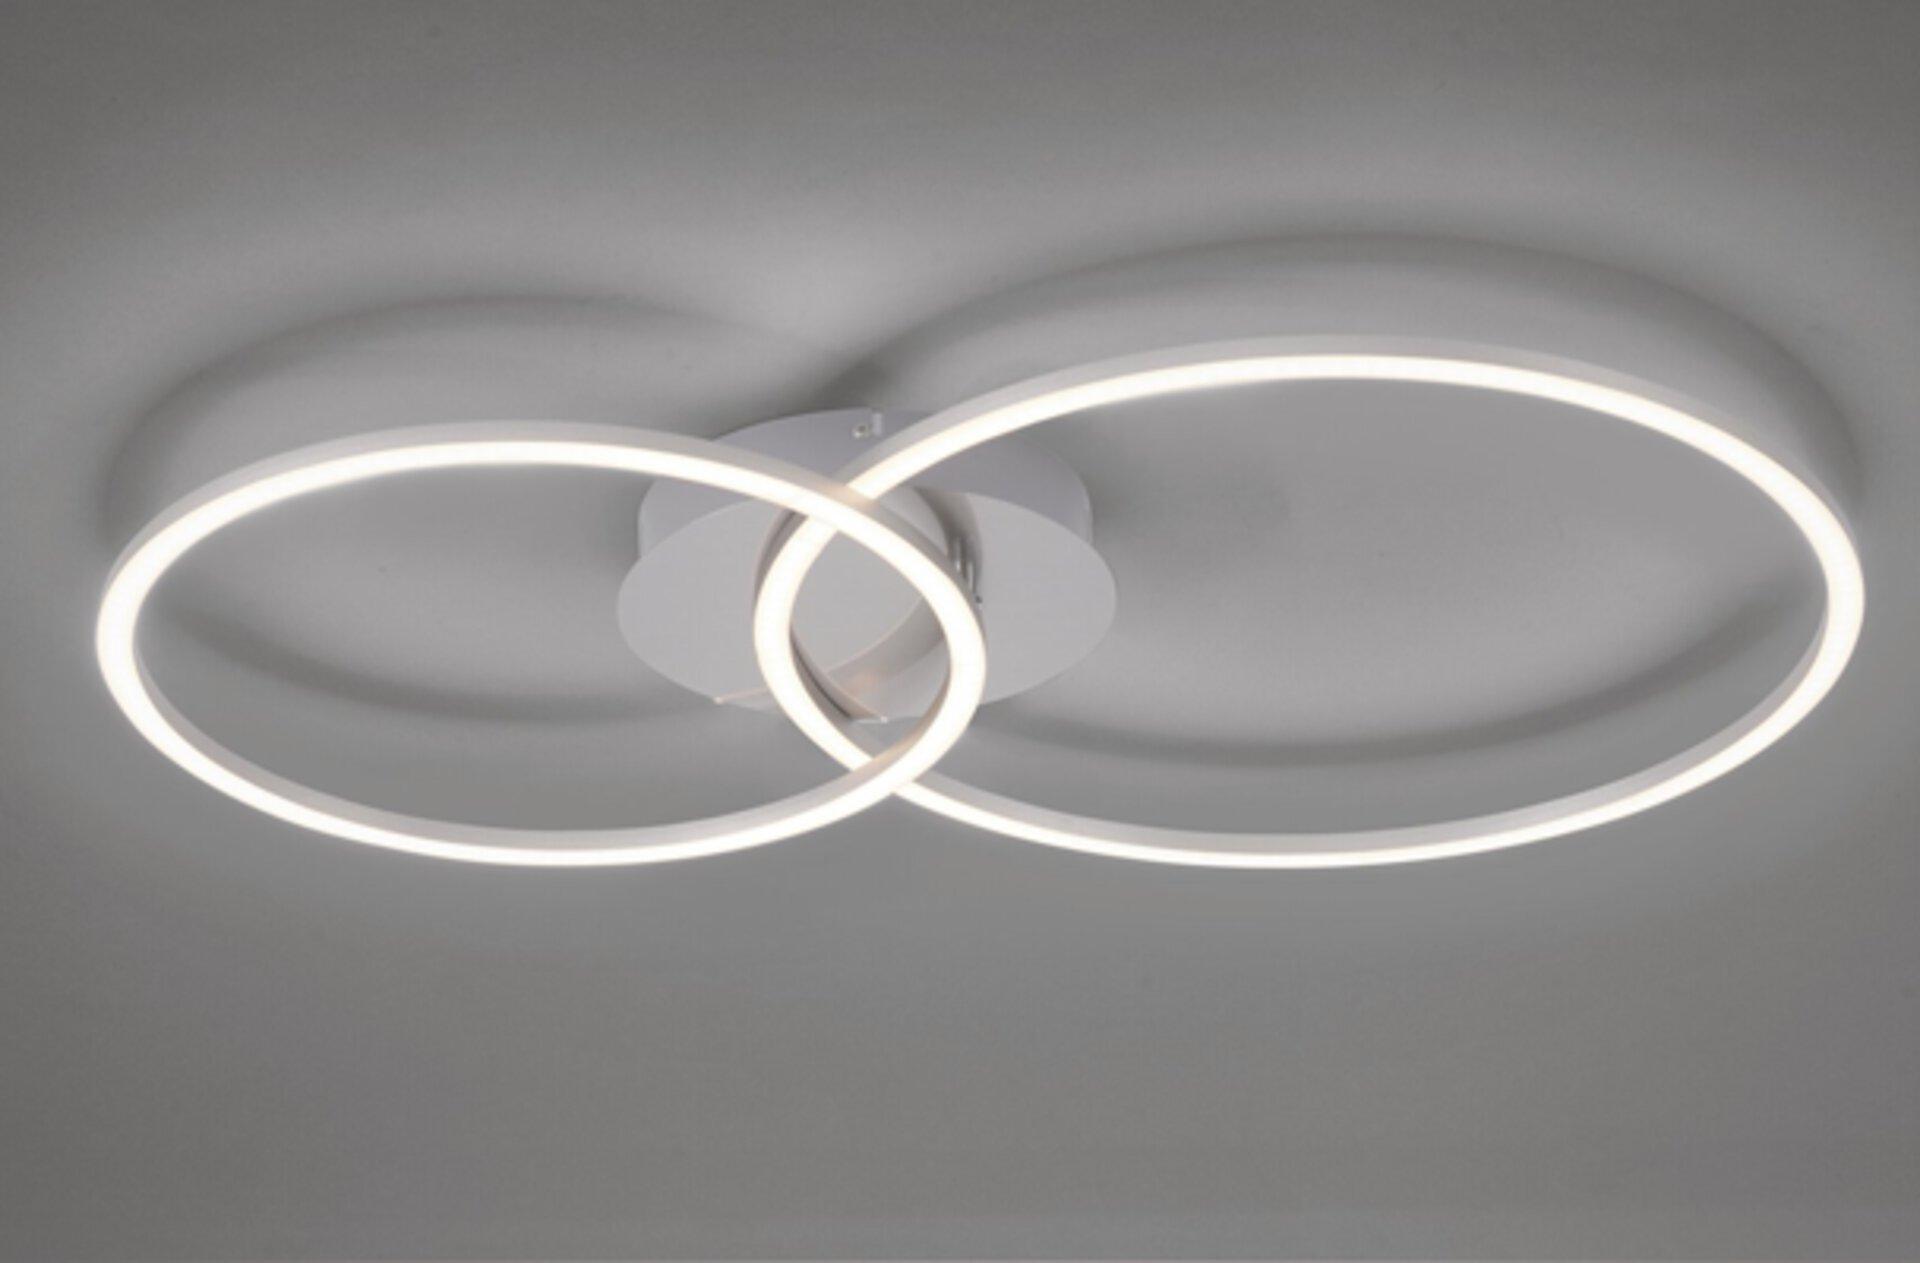 Leuchtendirekt, Möbel Inhofer, Leuchte, Lampe, Deckenleuchte, Wohnen, Licht